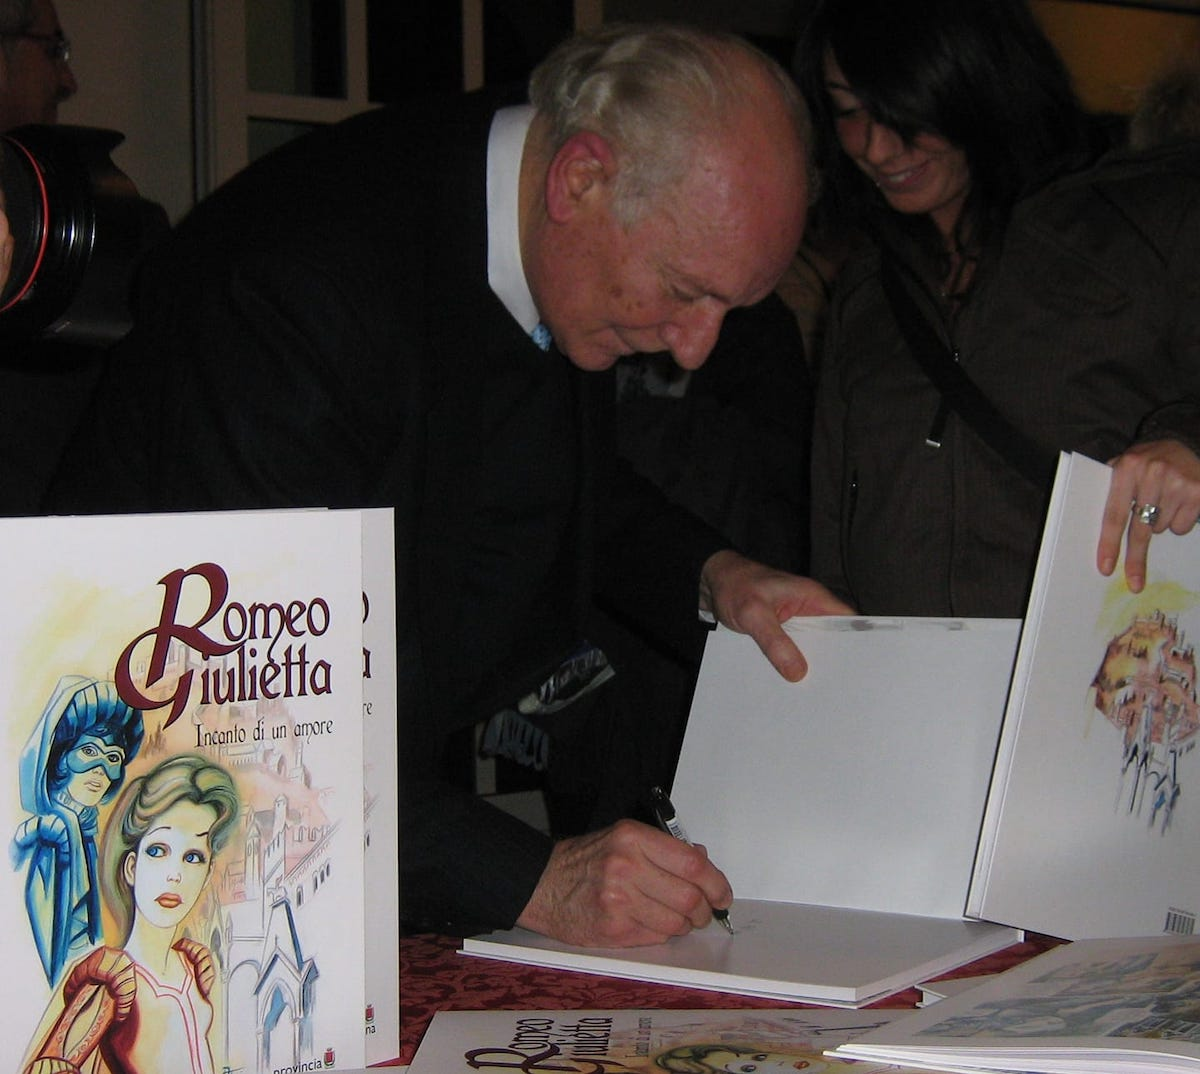 È morto Alberto Tosi, disegnatore del Vittorioso e del Giornalino - Fumettologica